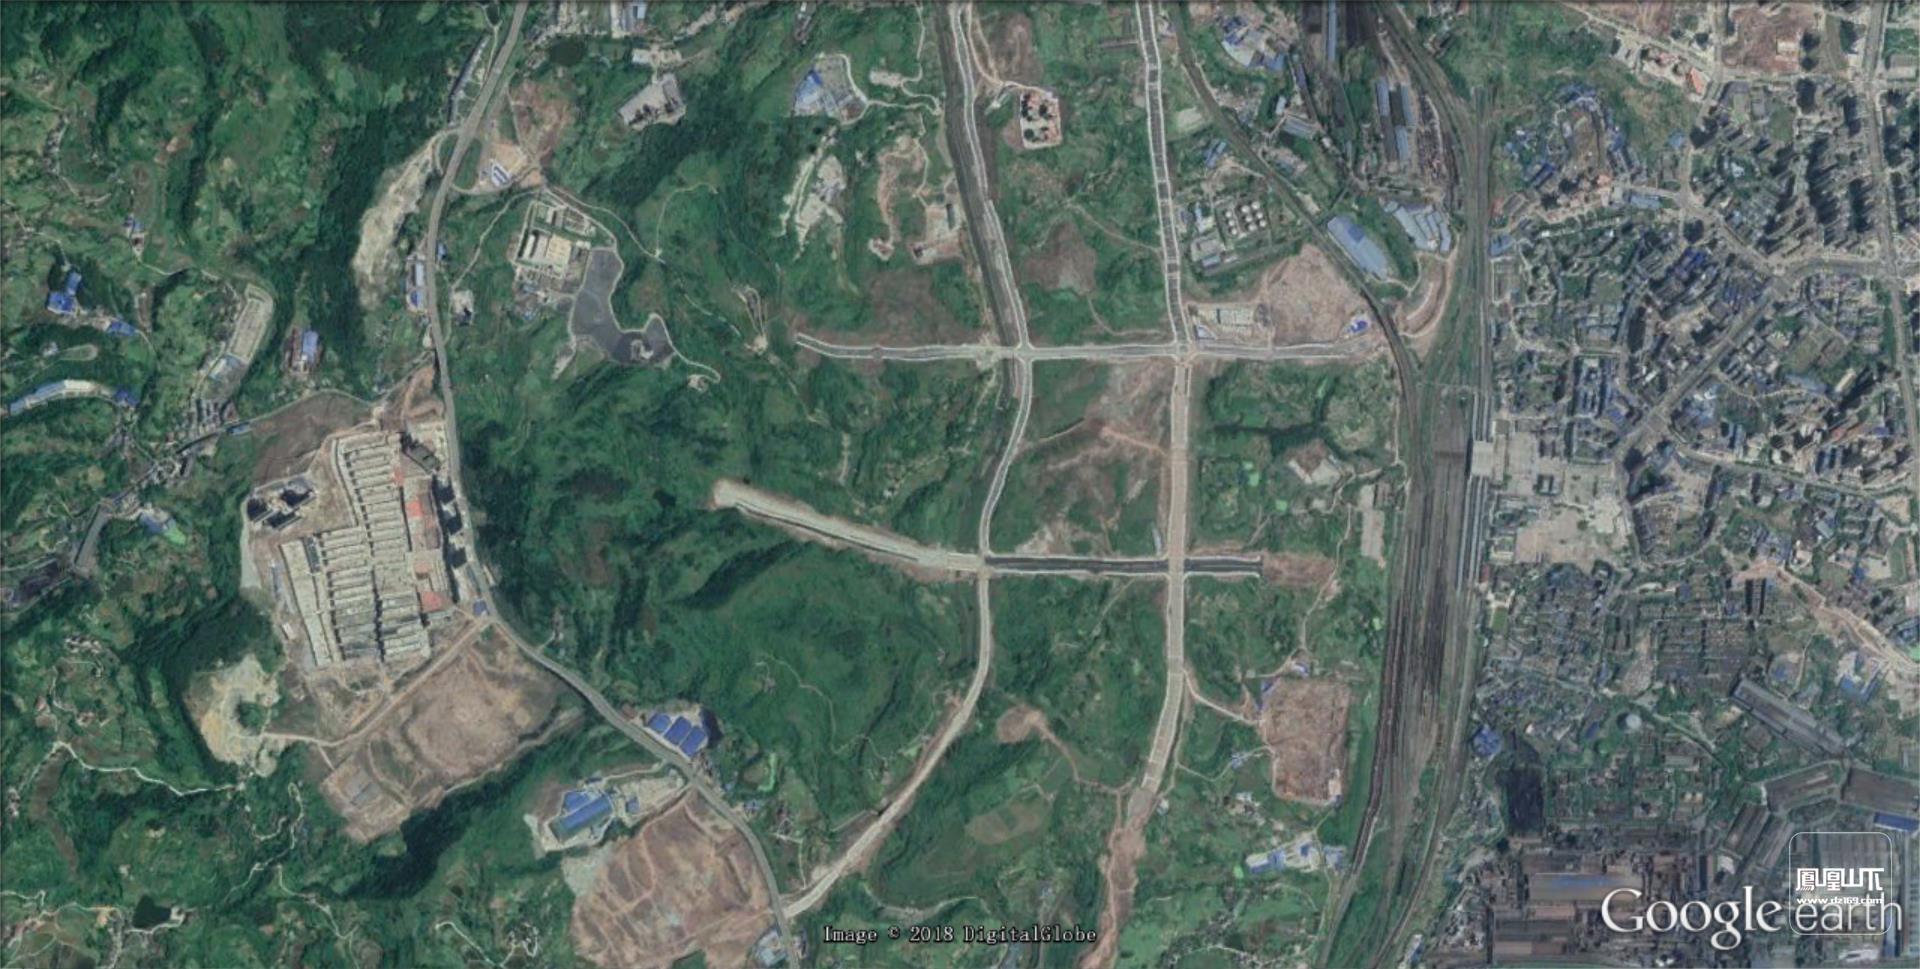 谷歌地球终于更新达州的卫星地图到2018年4月啦